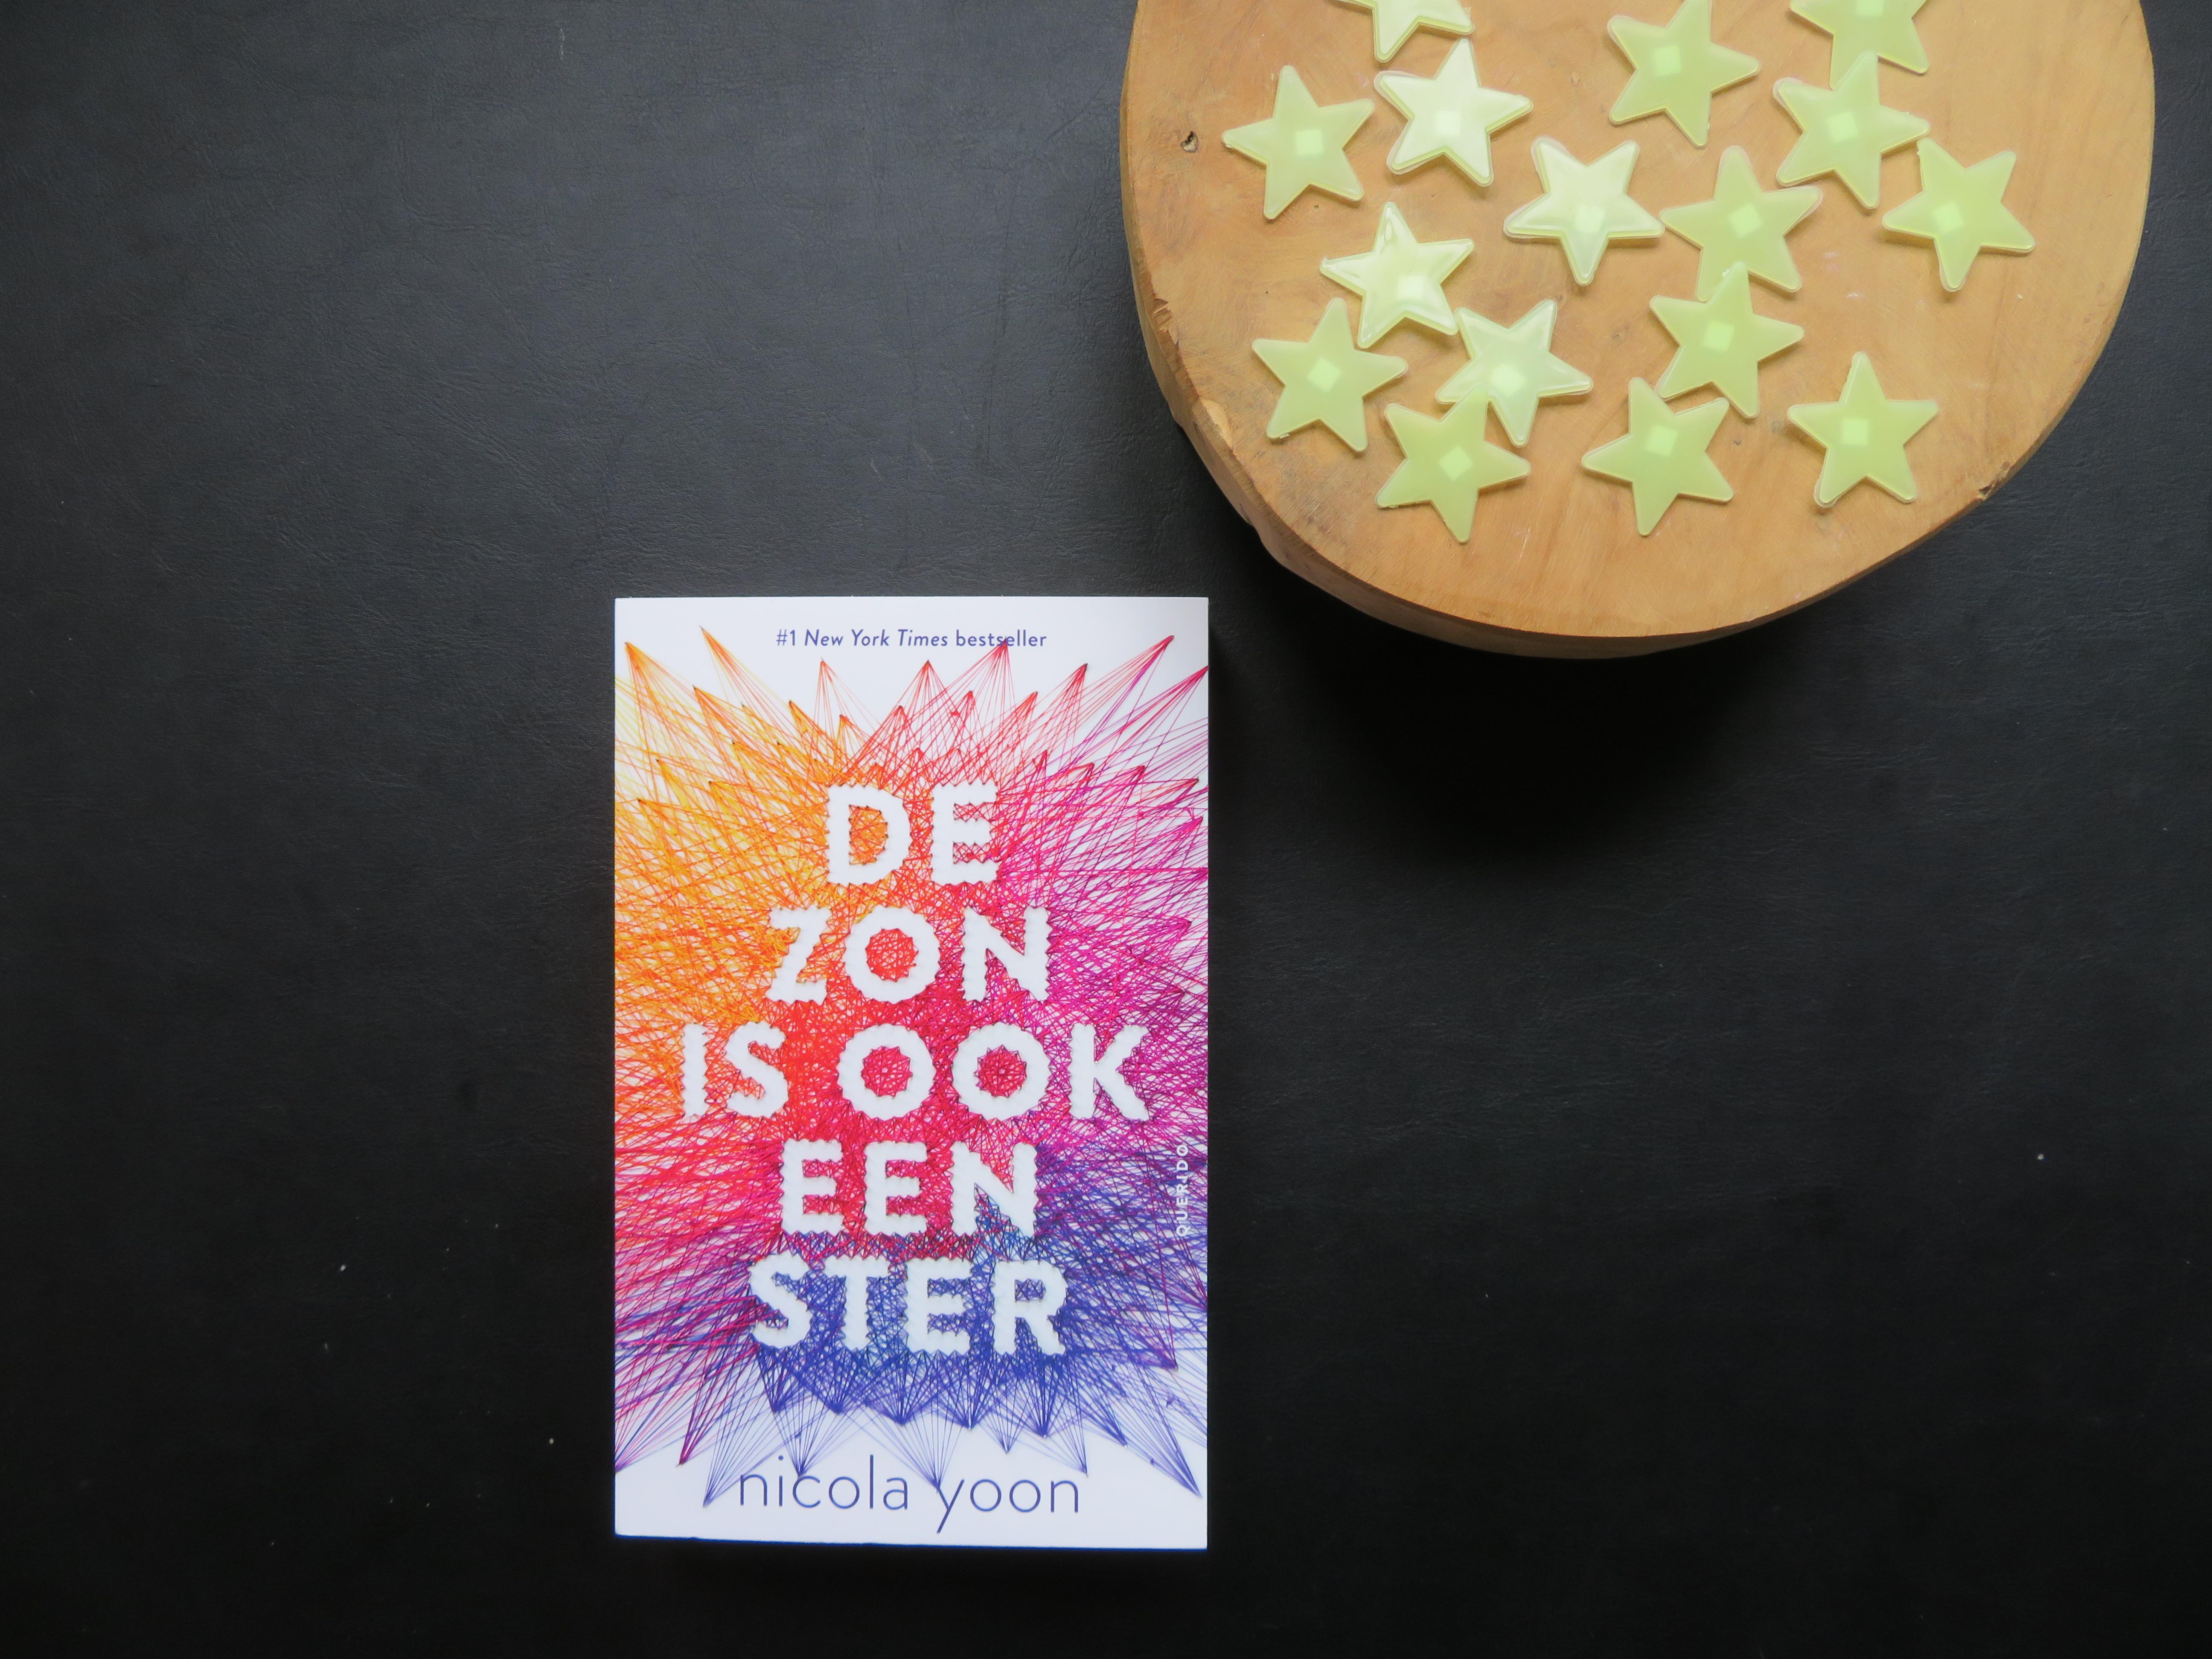 Recensie: De zon is ook een ster – Nicola Yoon